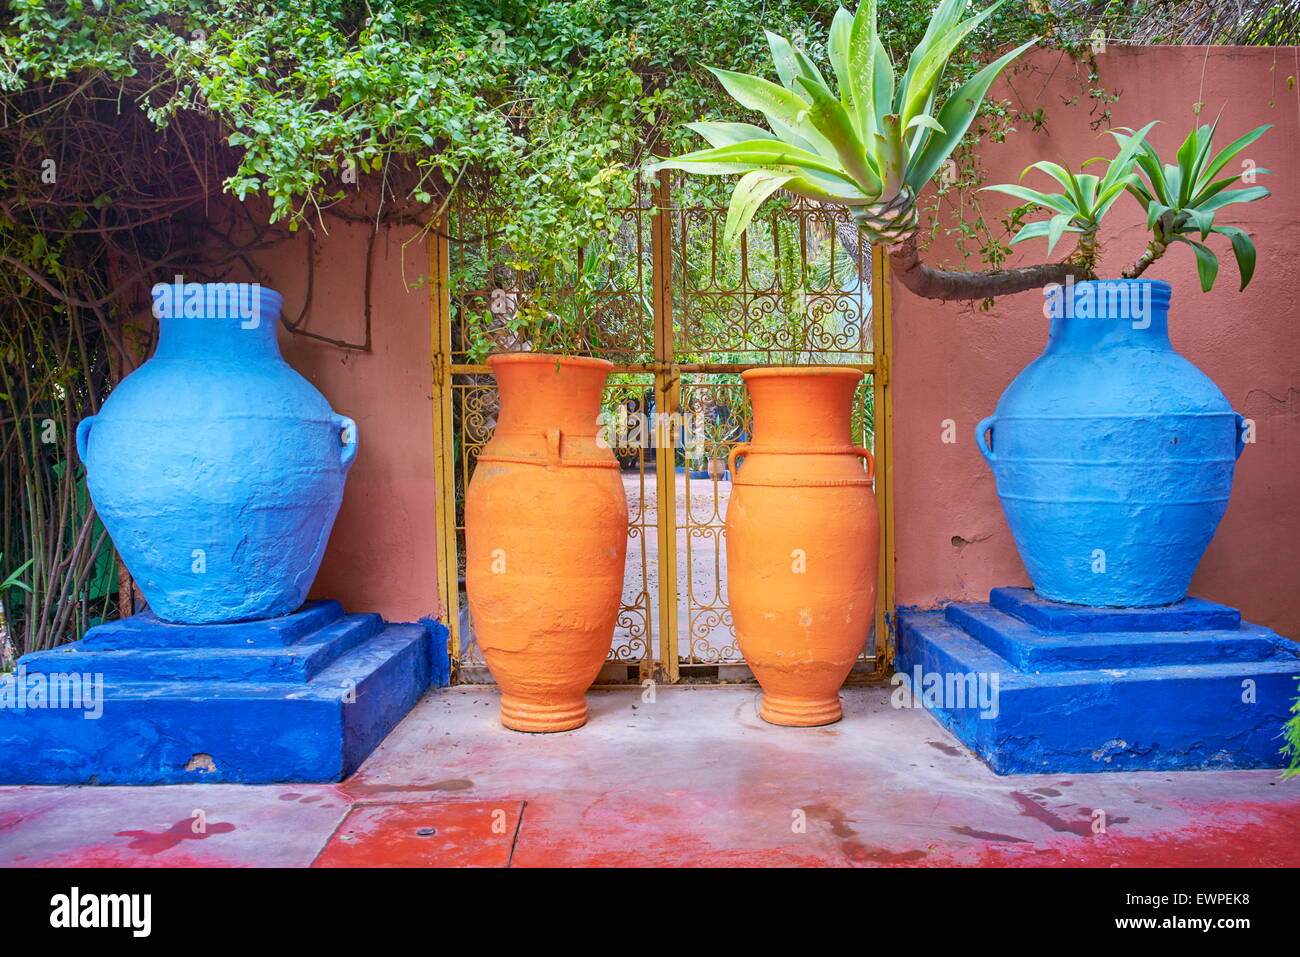 Majorelle Gardens in Marrakesh. Morocco - Stock Image